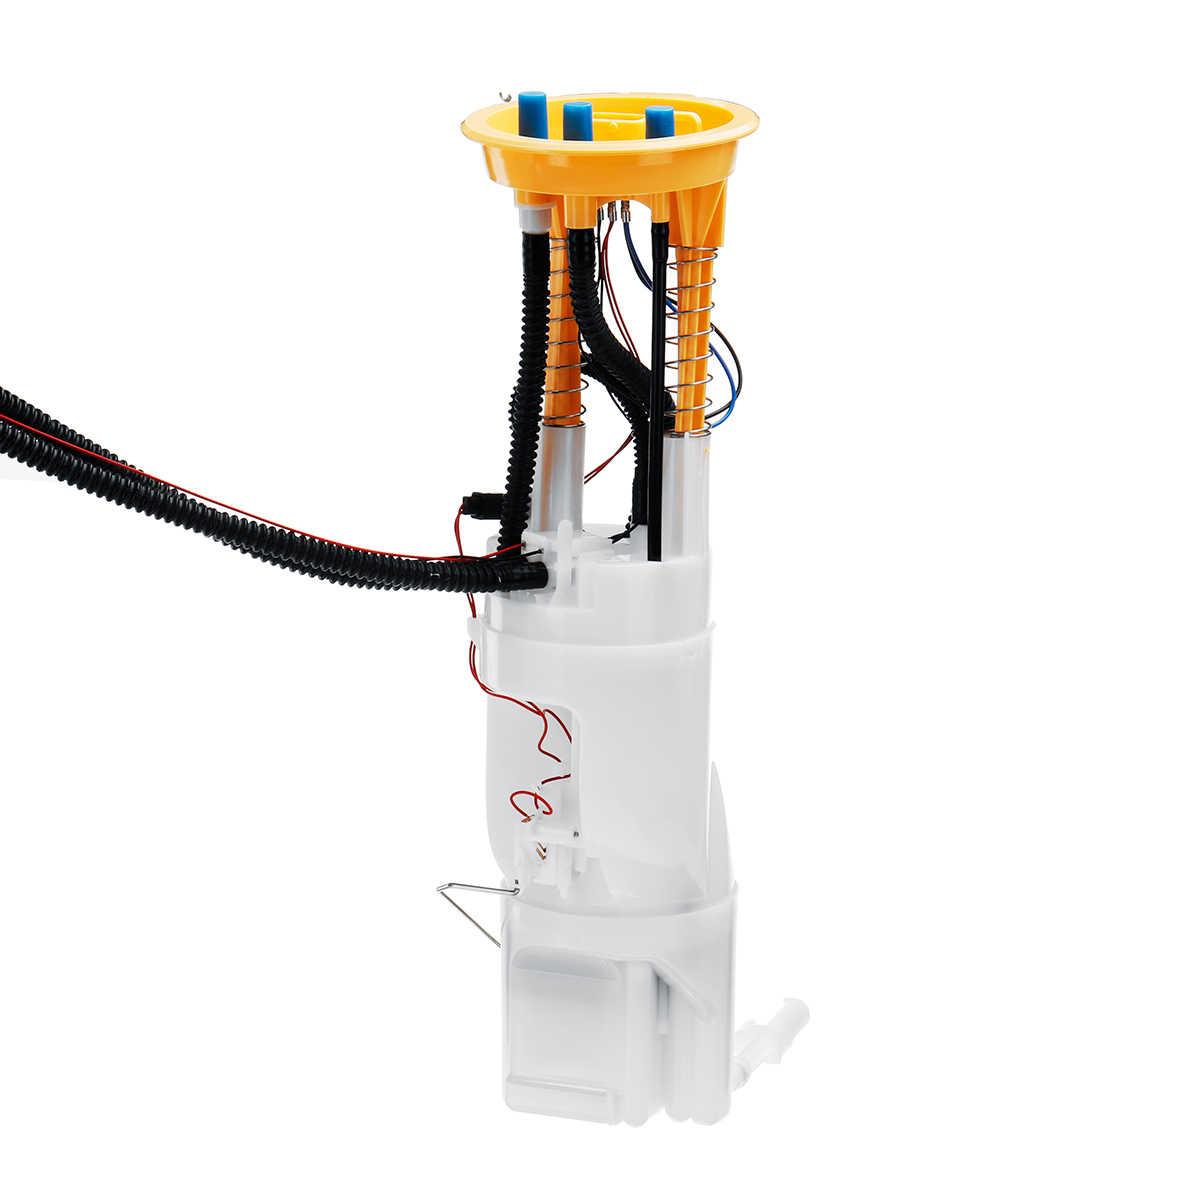 Bomba de combustível do carro para land rover range rover l322/mk3 3.0 td6 2002-2012 motor: 306d1 wfx000160 acessórios